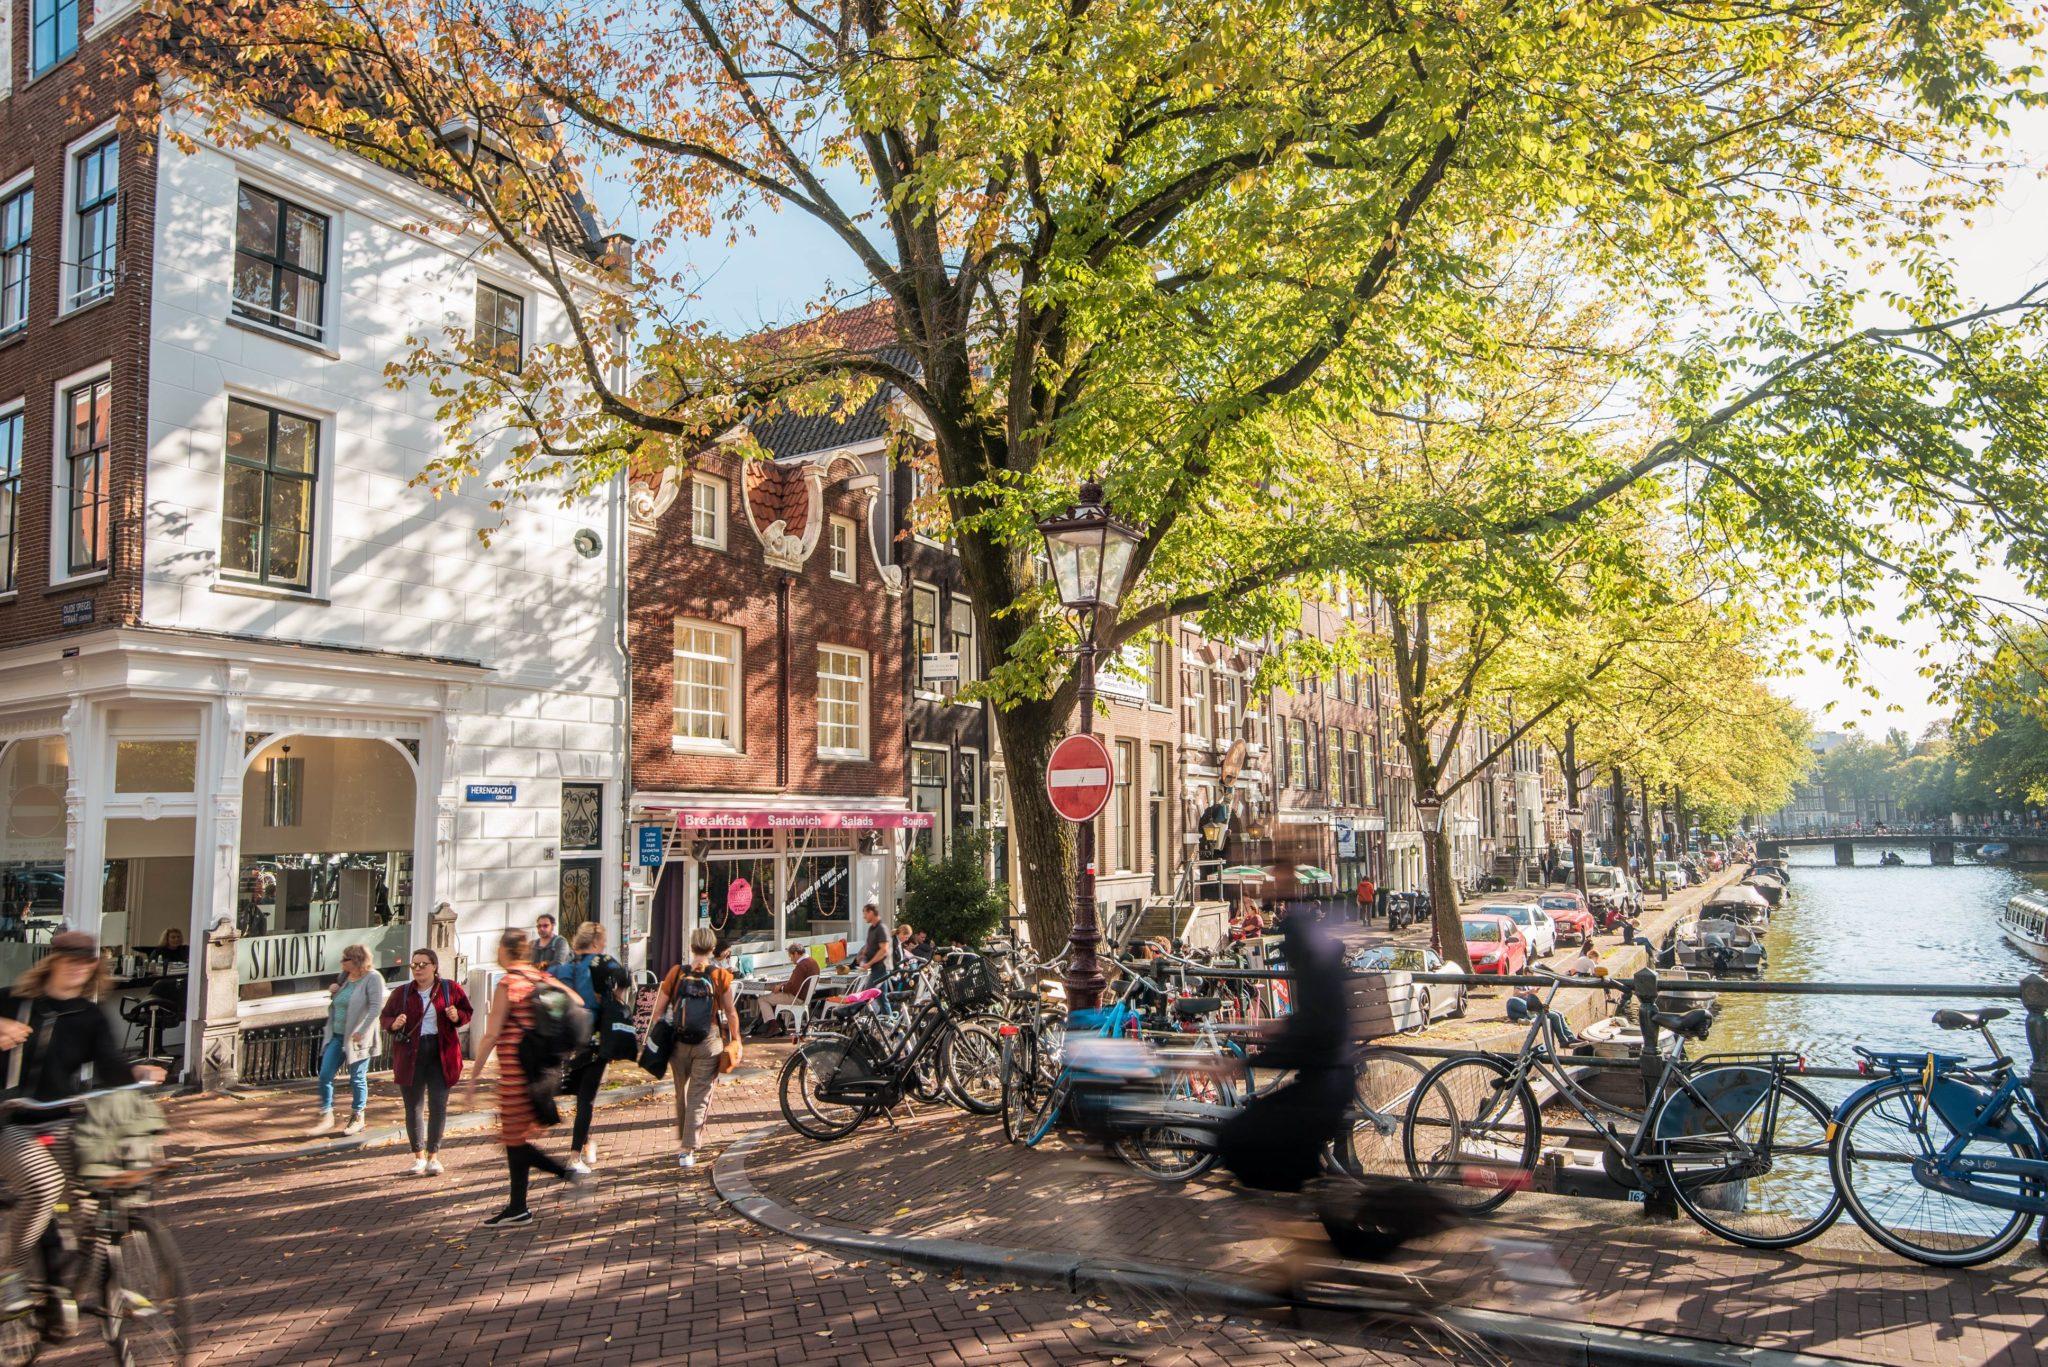 Γιατί αξίζει να επισκεφτείς το Άμστερνταμ;